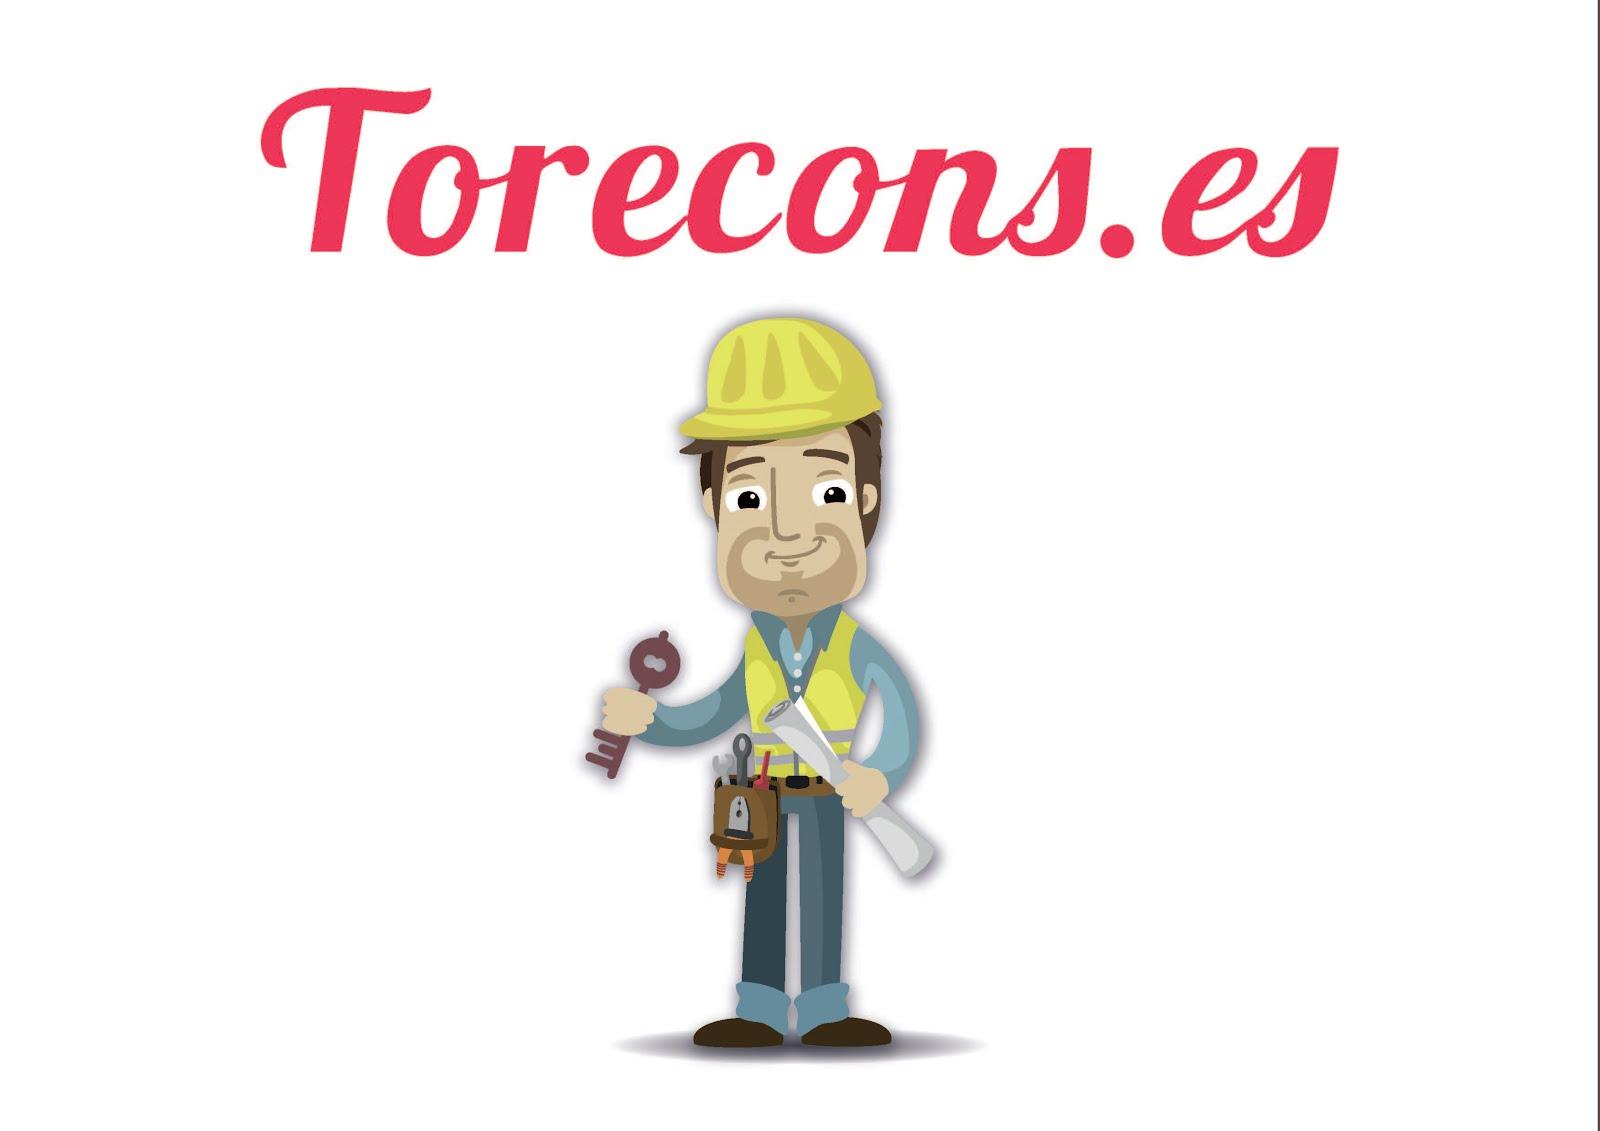 CONSTRUCCIONS TORECONS